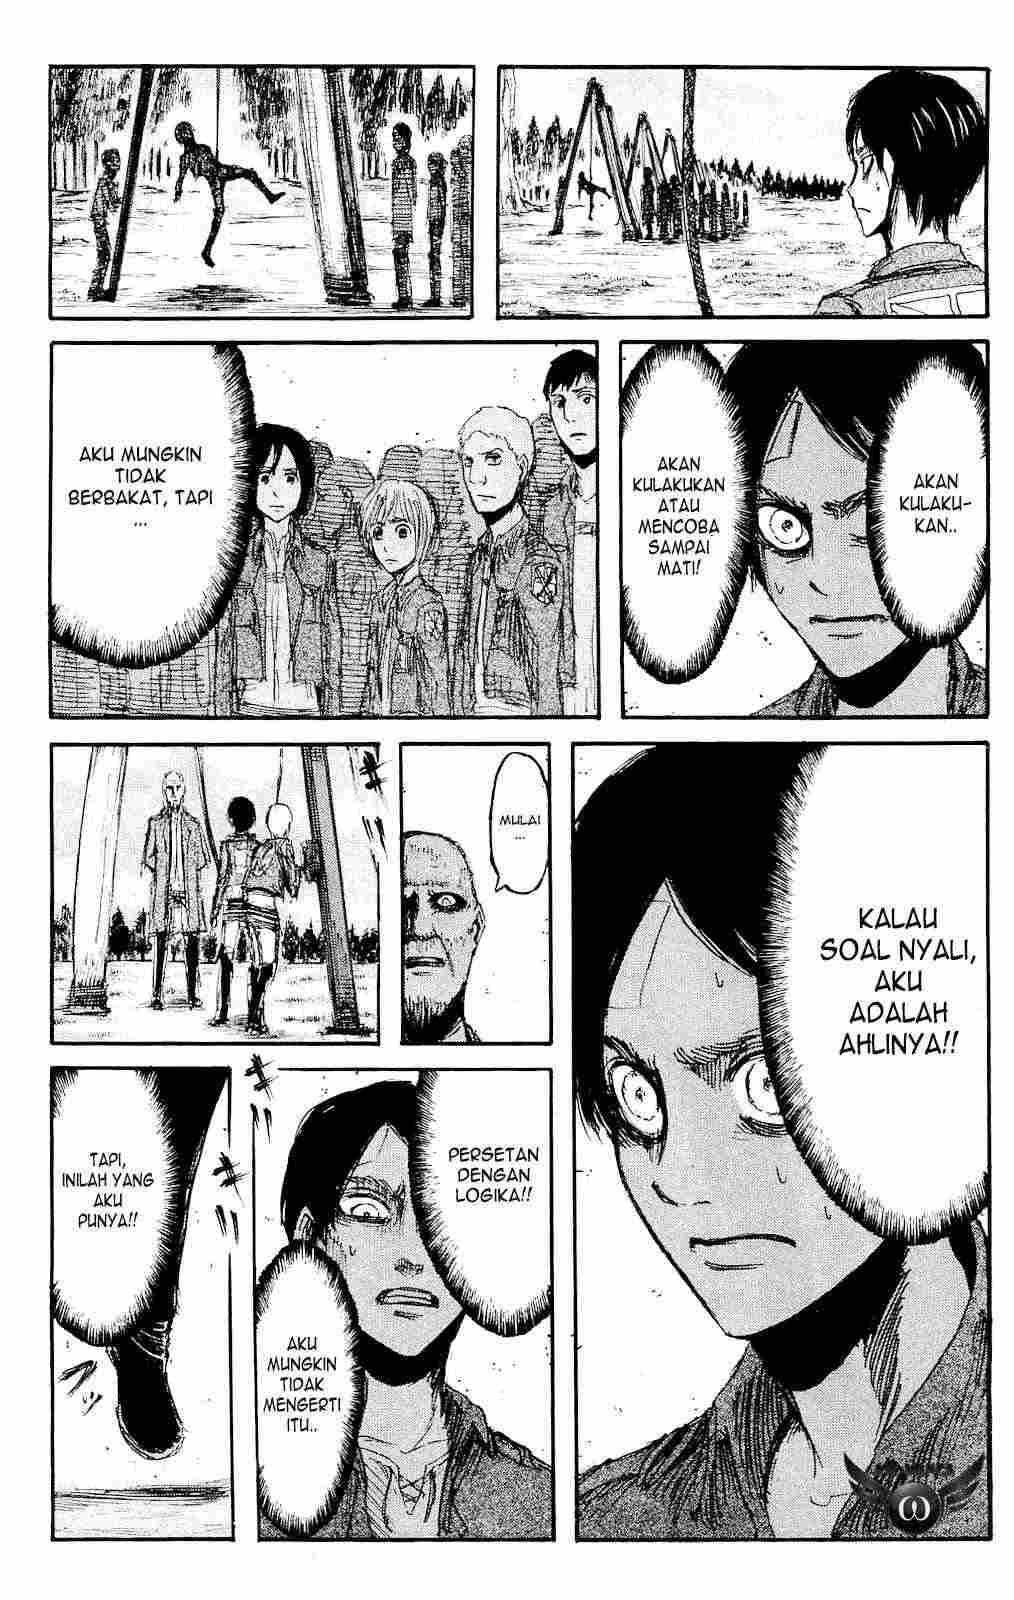 Komik shingeki no kyojin 016 - kebutuhan 17 Indonesia shingeki no kyojin 016 - kebutuhan Terbaru 25|Baca Manga Komik Indonesia|